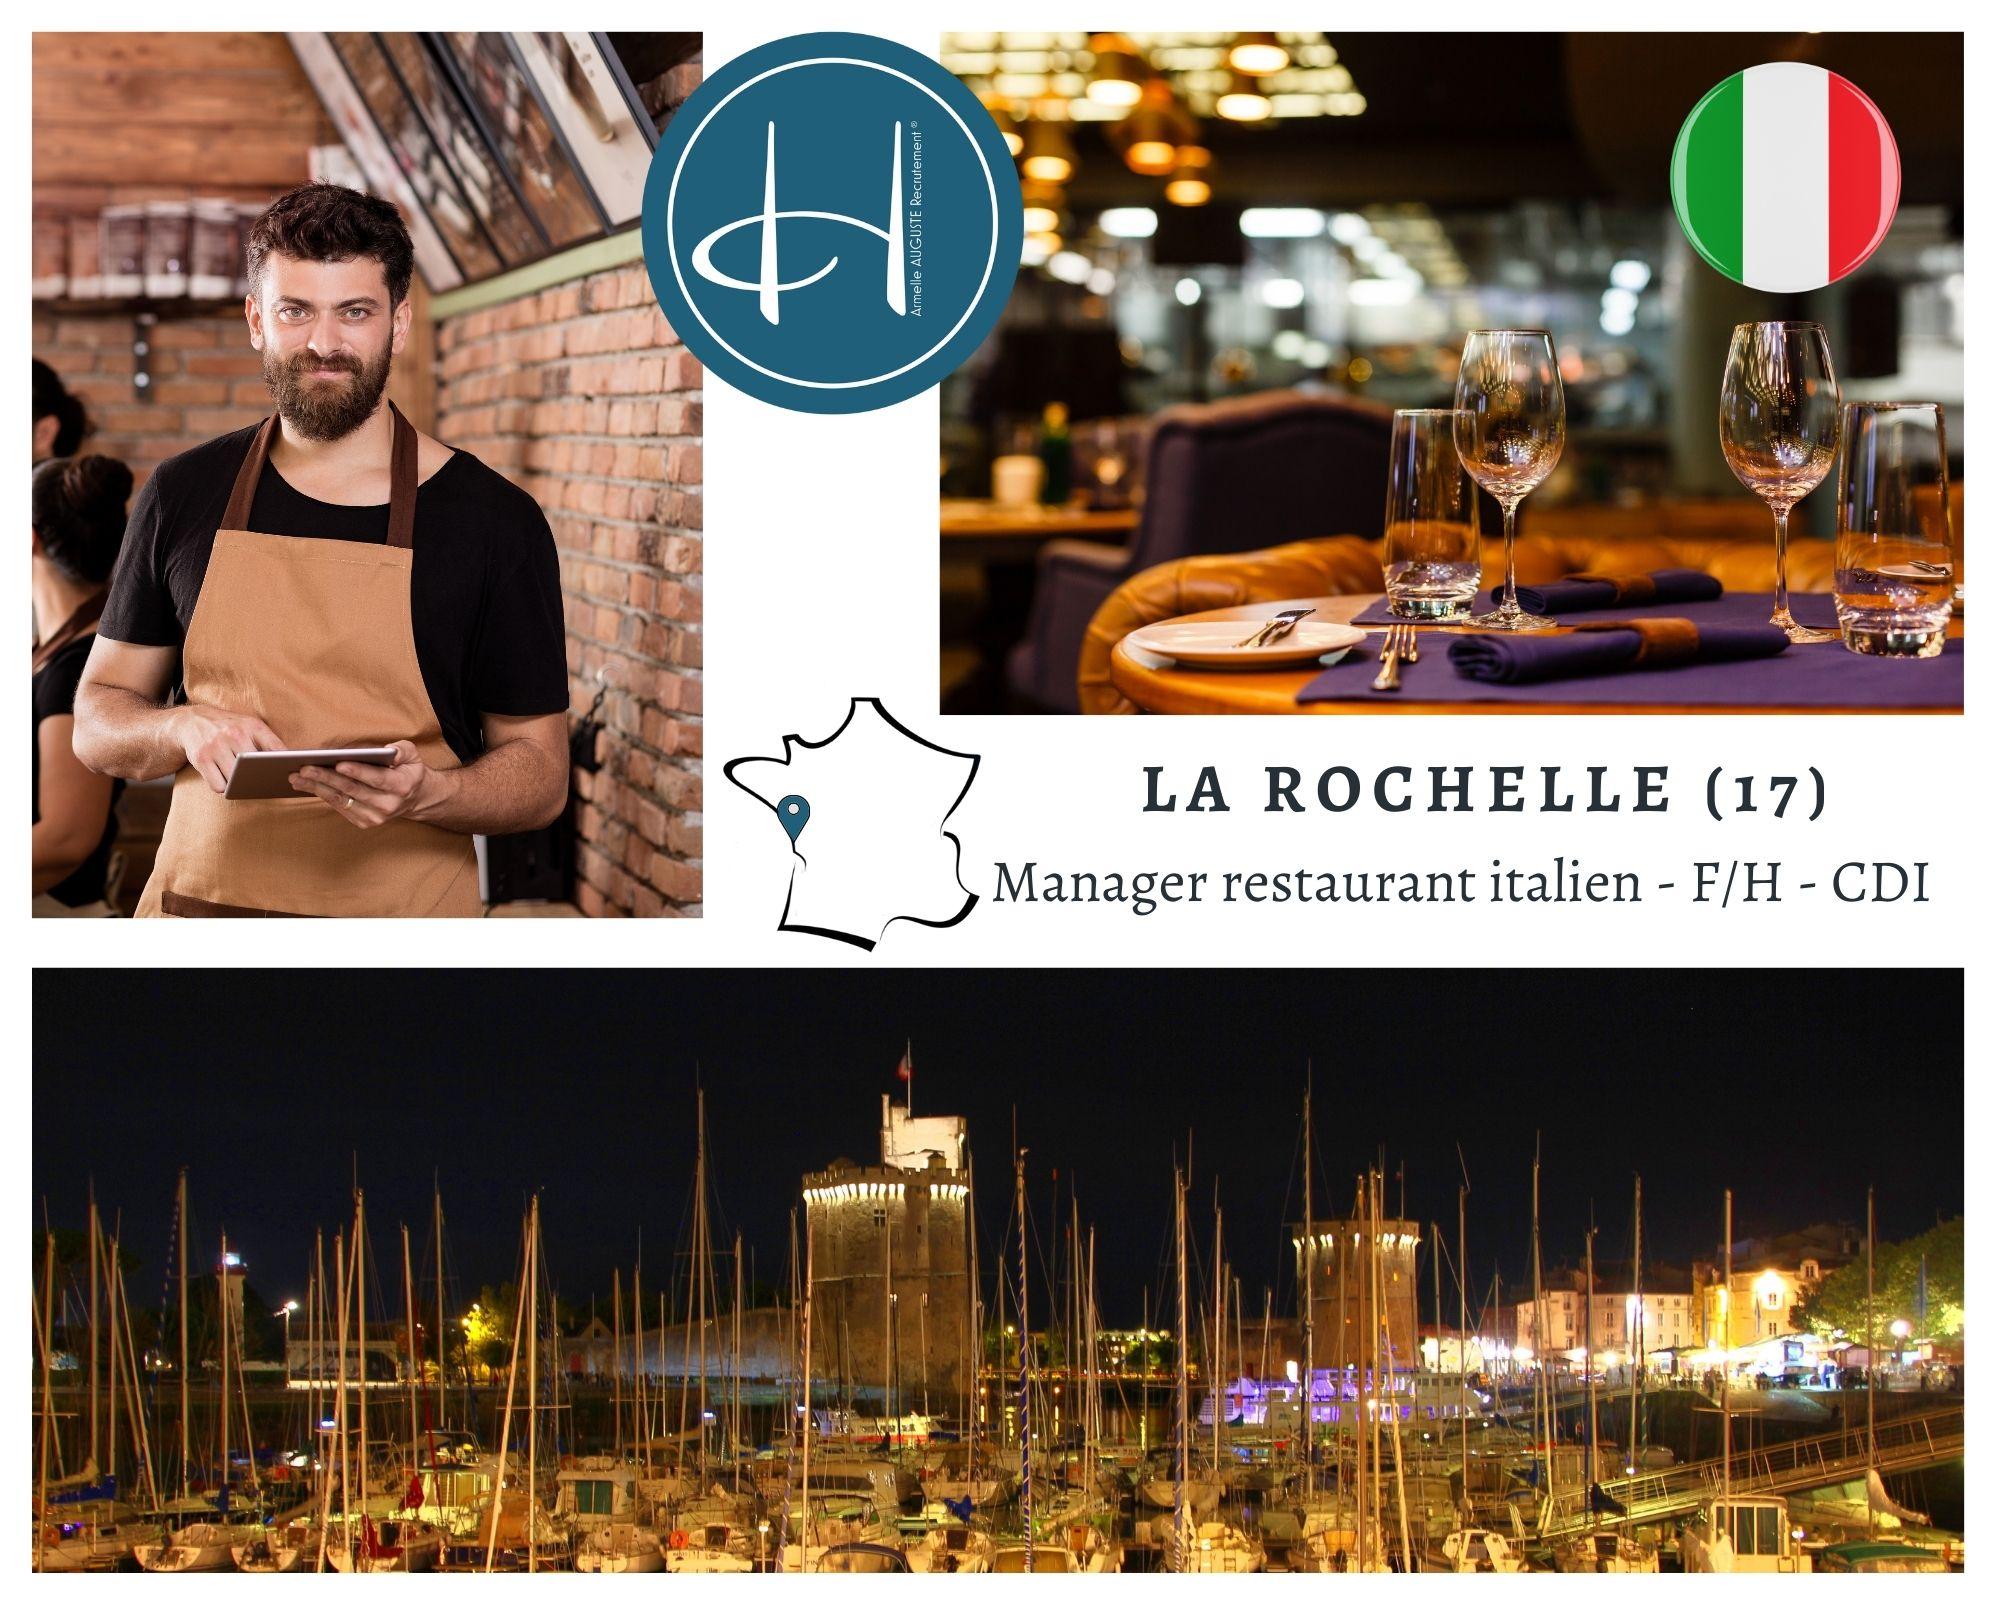 Recrutement: Manager Restaurant Italien La Rochelle F/H chez Armelle AUGUSTE Recrutement® à la rochelle